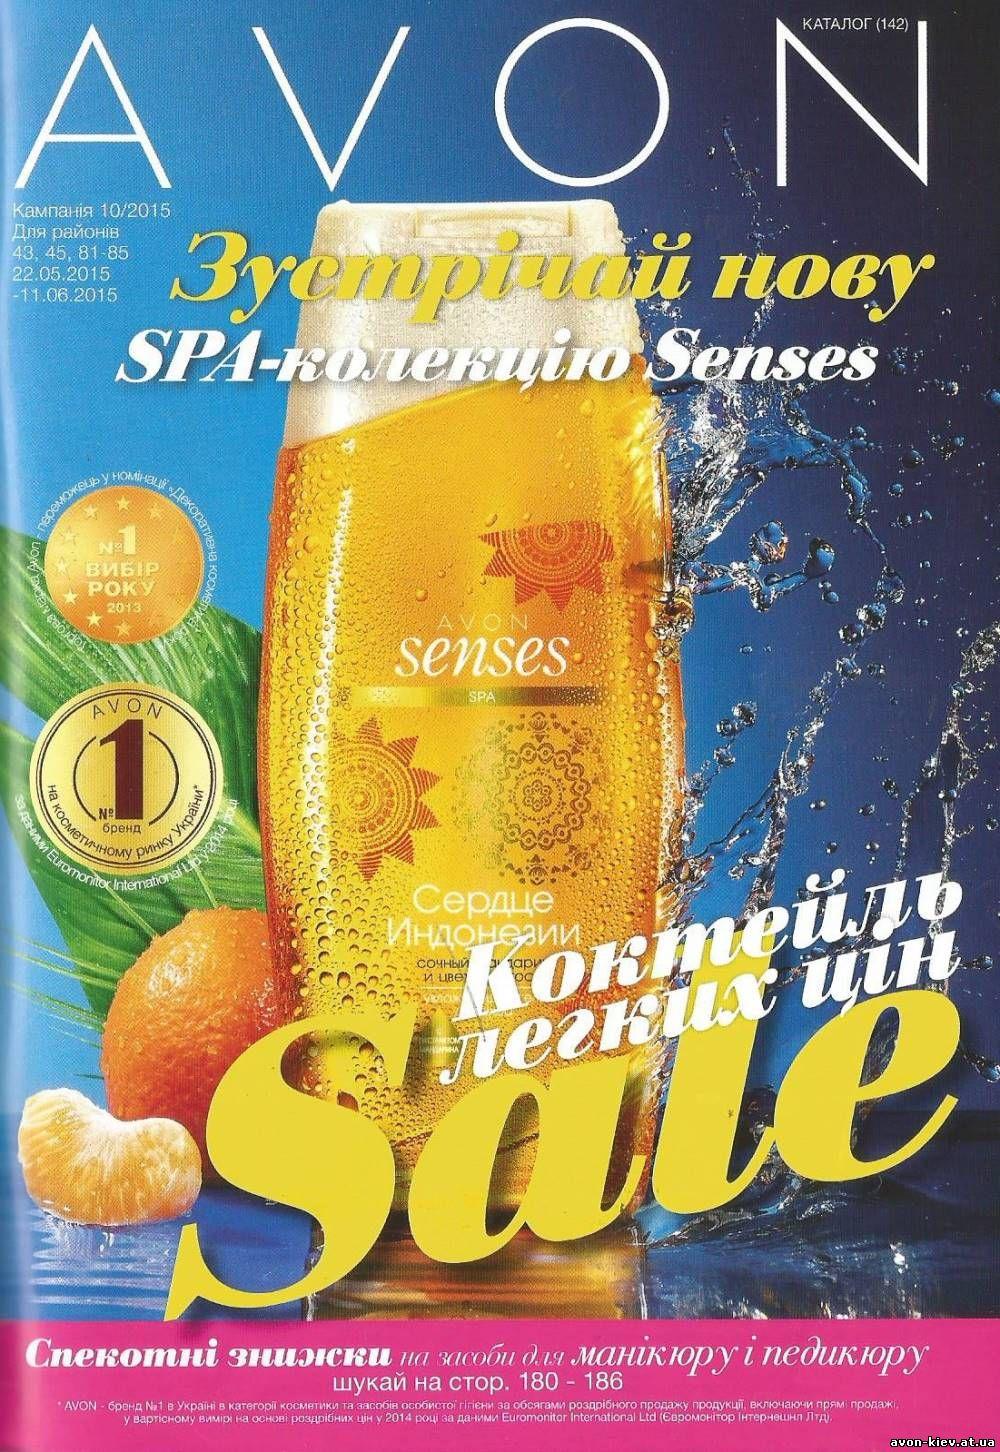 онлайн каталог эйвон 17 2015 украина смотреть онлайн